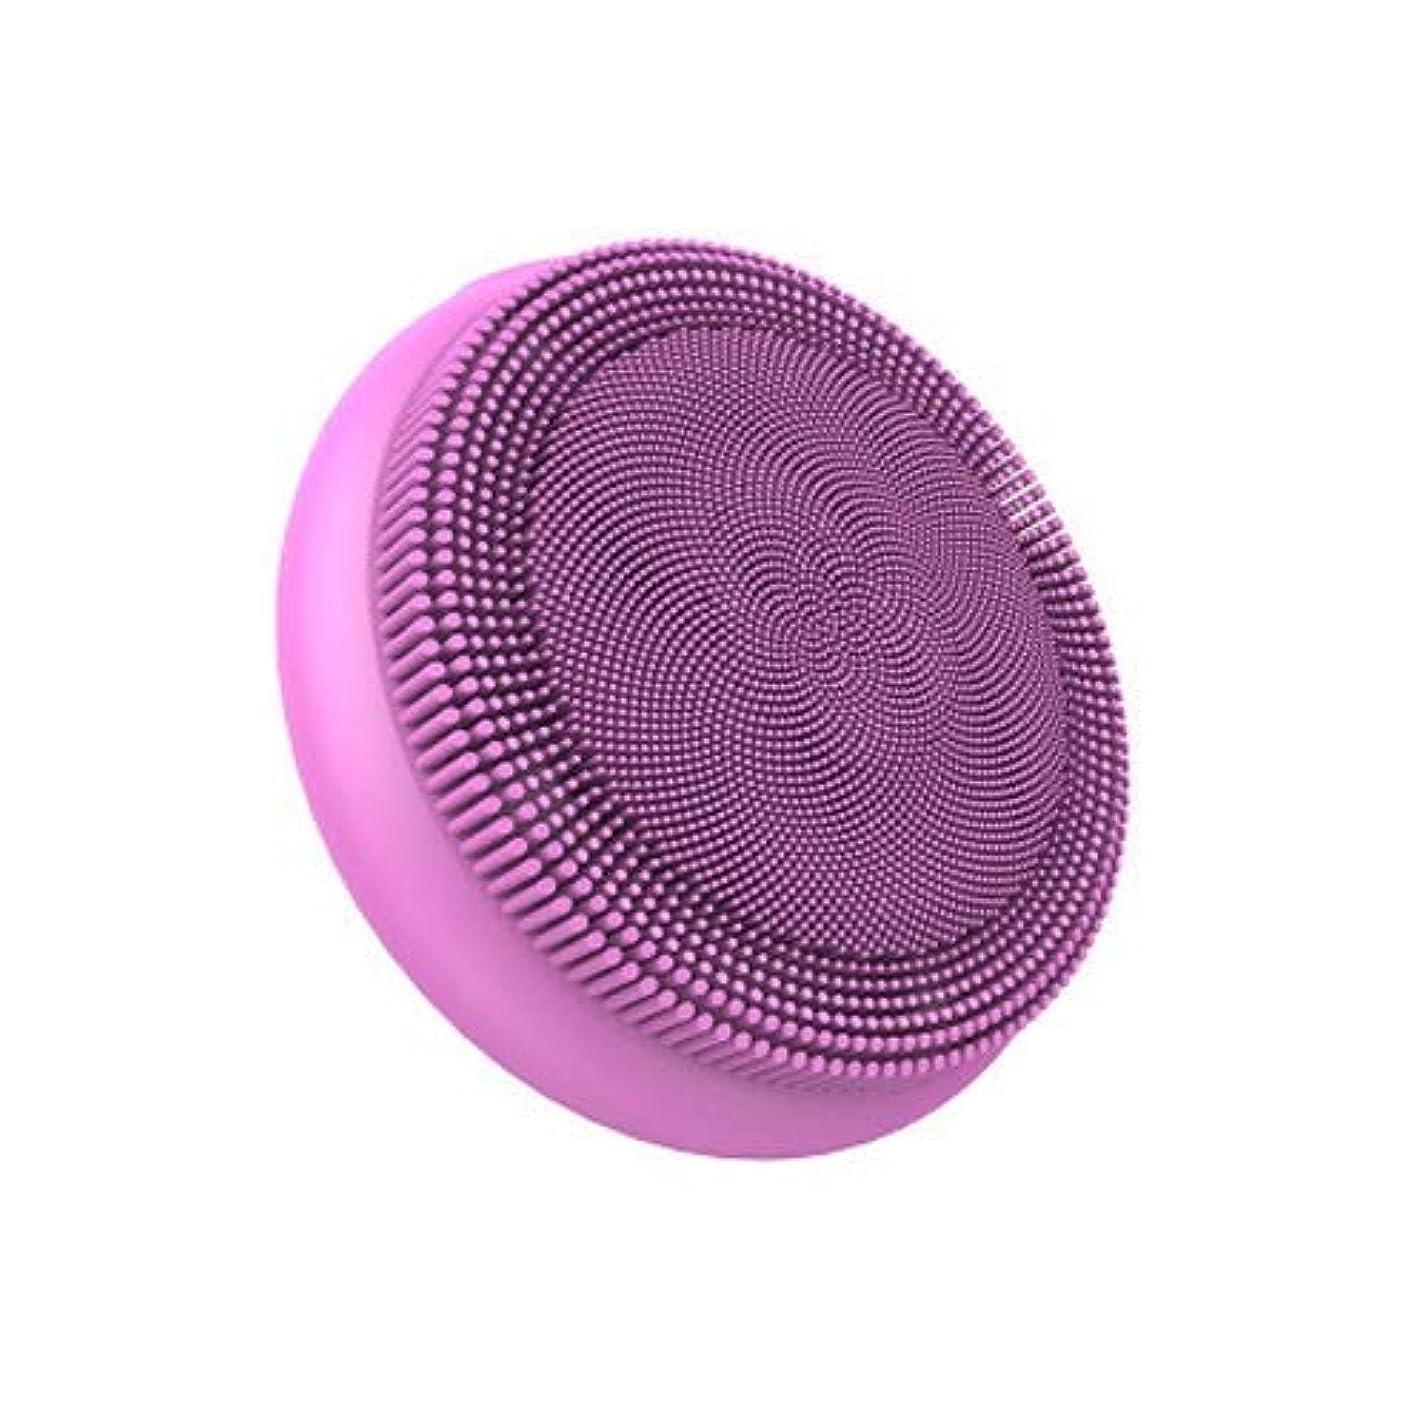 選択音楽を聴く散文LYX エレクトリックシリコーンソニッククレンジングブラシ、ブラックヘッドクレンジングバックル付き機器およびUSB、エクスフォリエイティング、ディープクリーニングツール (Color : ピンク)